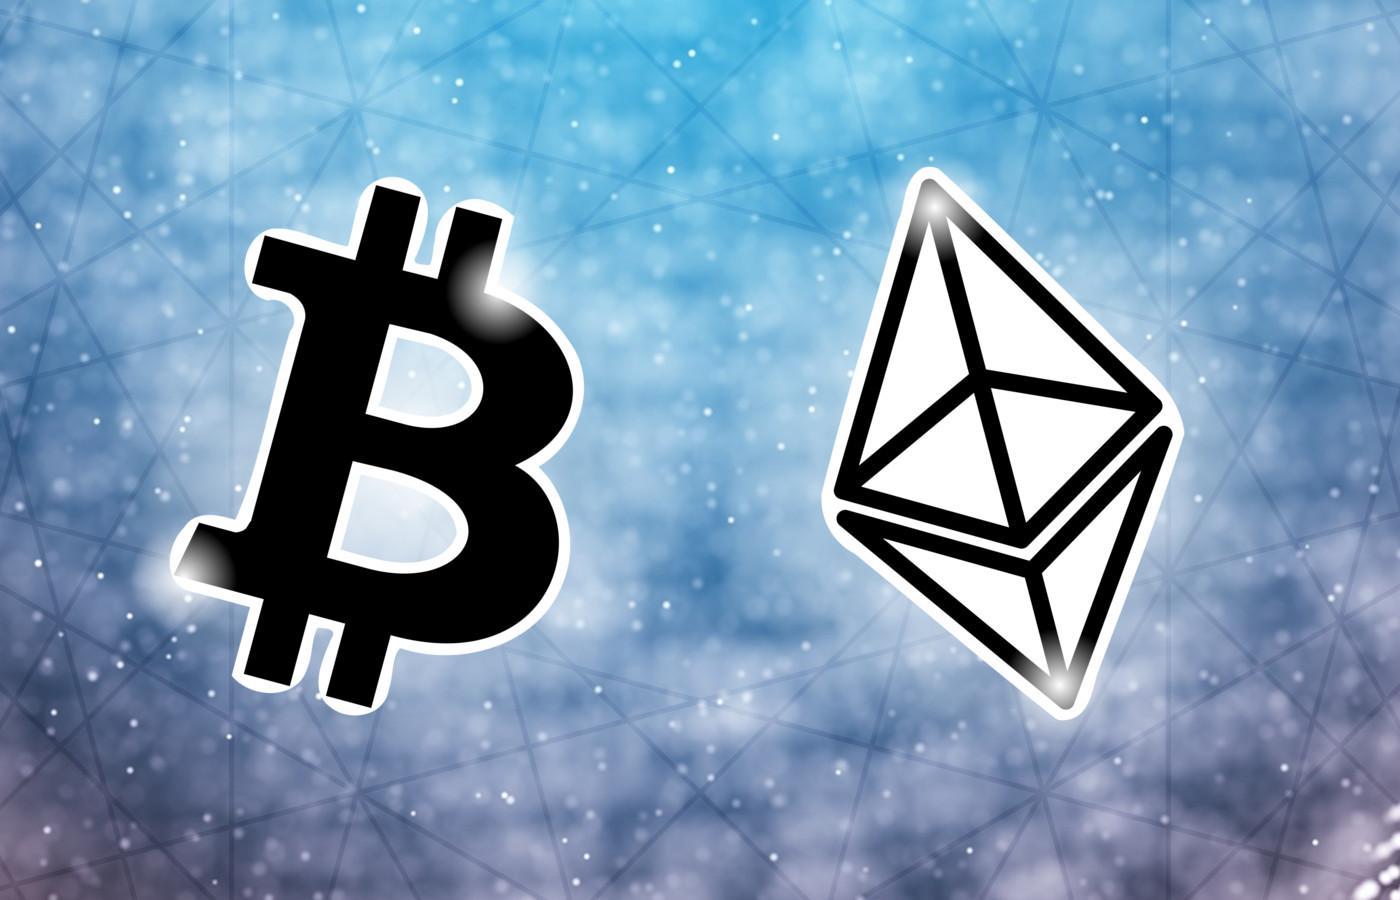 Blockchain Investing - Chancen, Risiken und ein passiver Investmentansatz